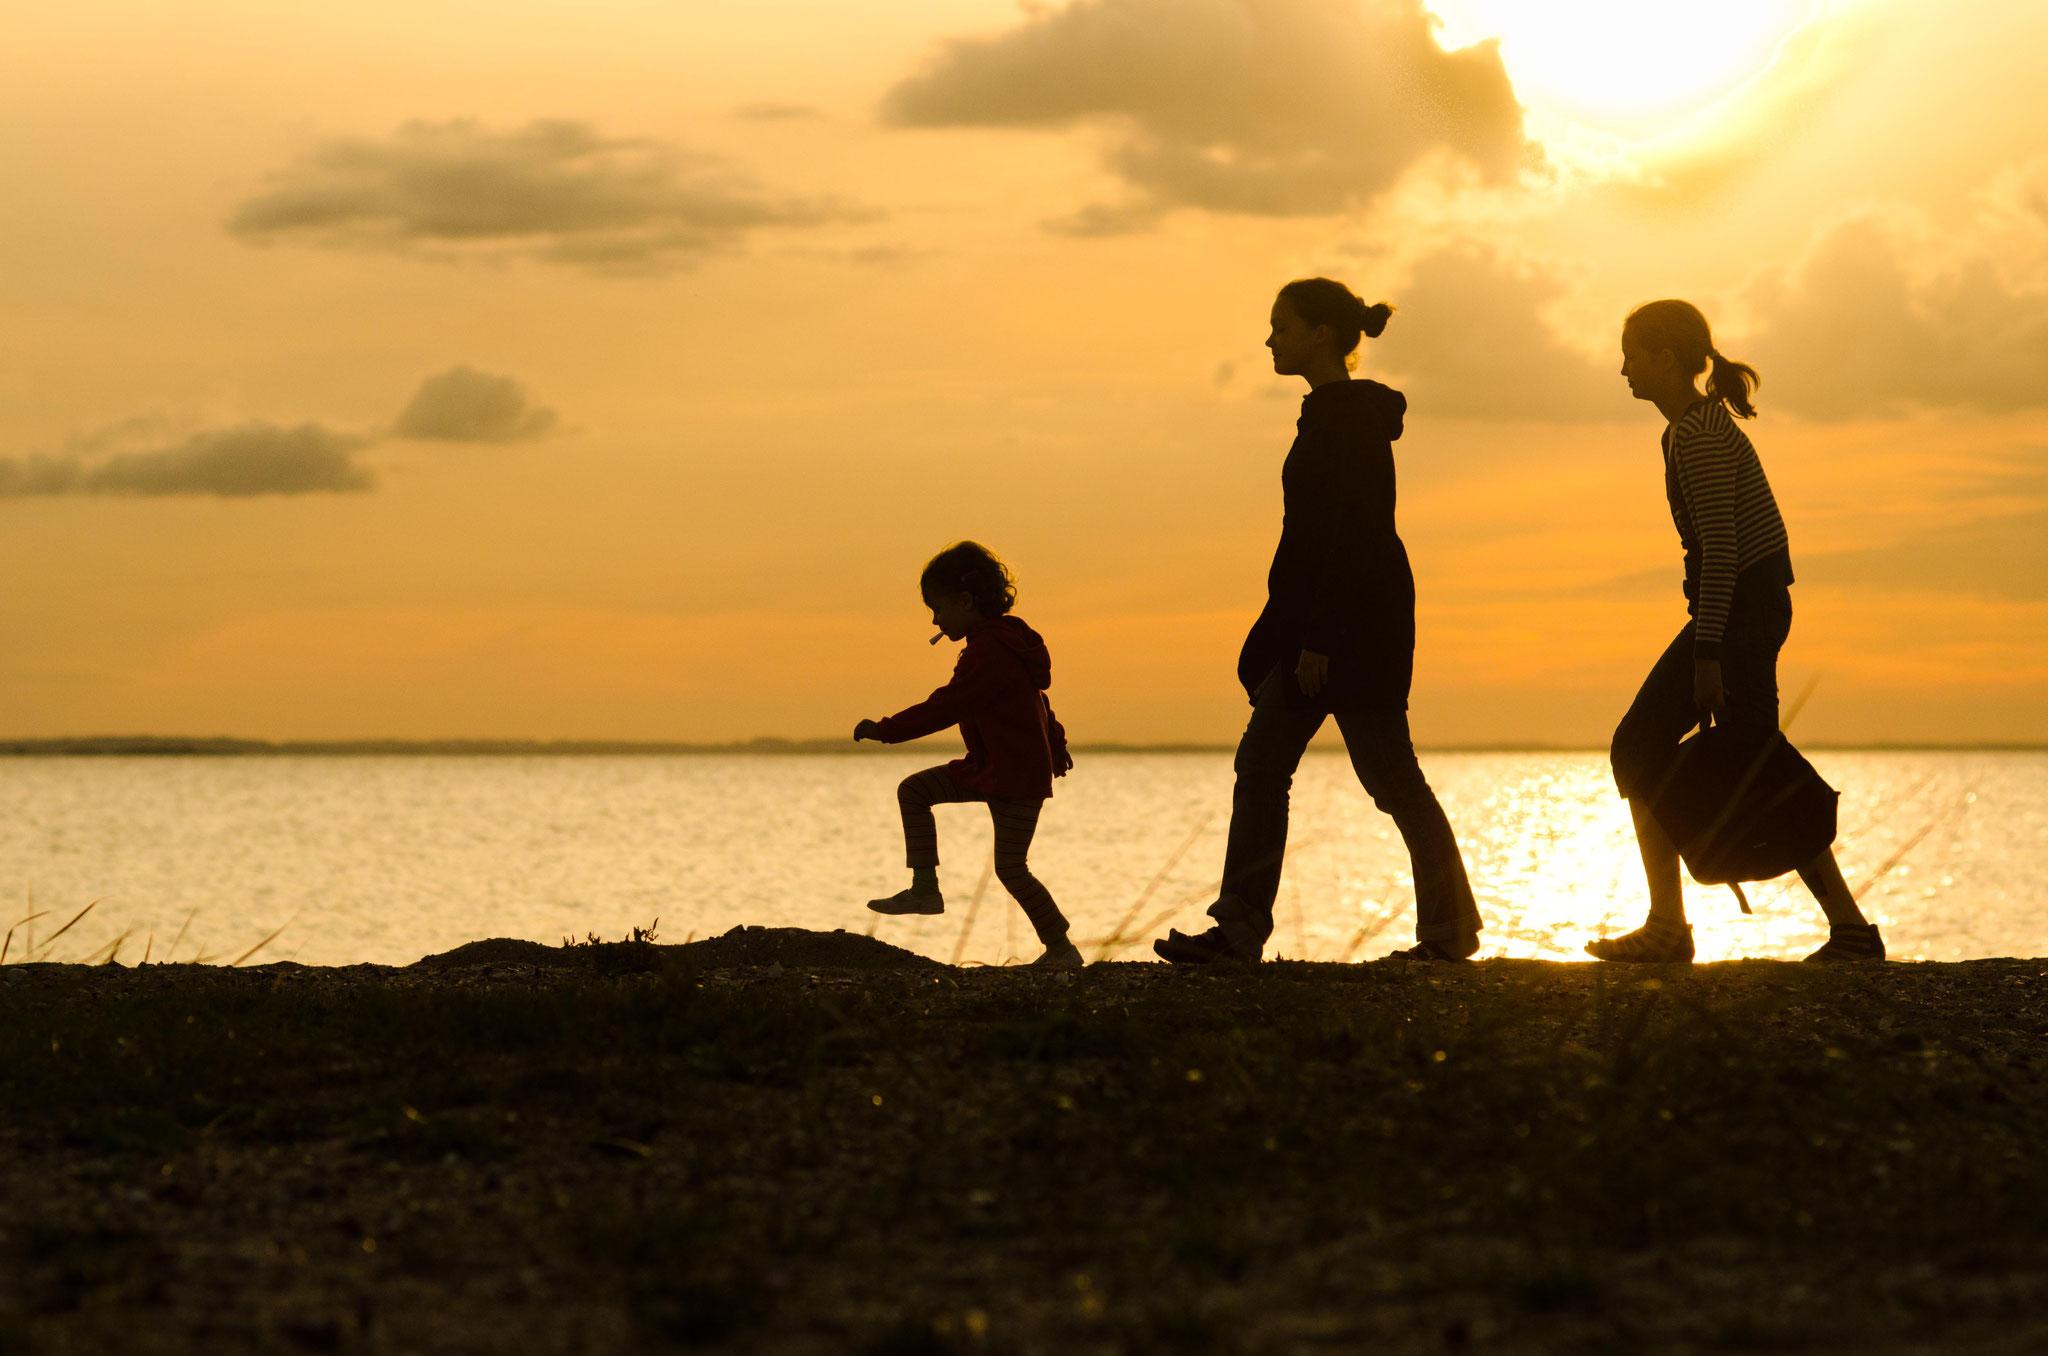 unsere kleine Olsenbande - Urlaub in Dänemark - © Dirk Brzoska